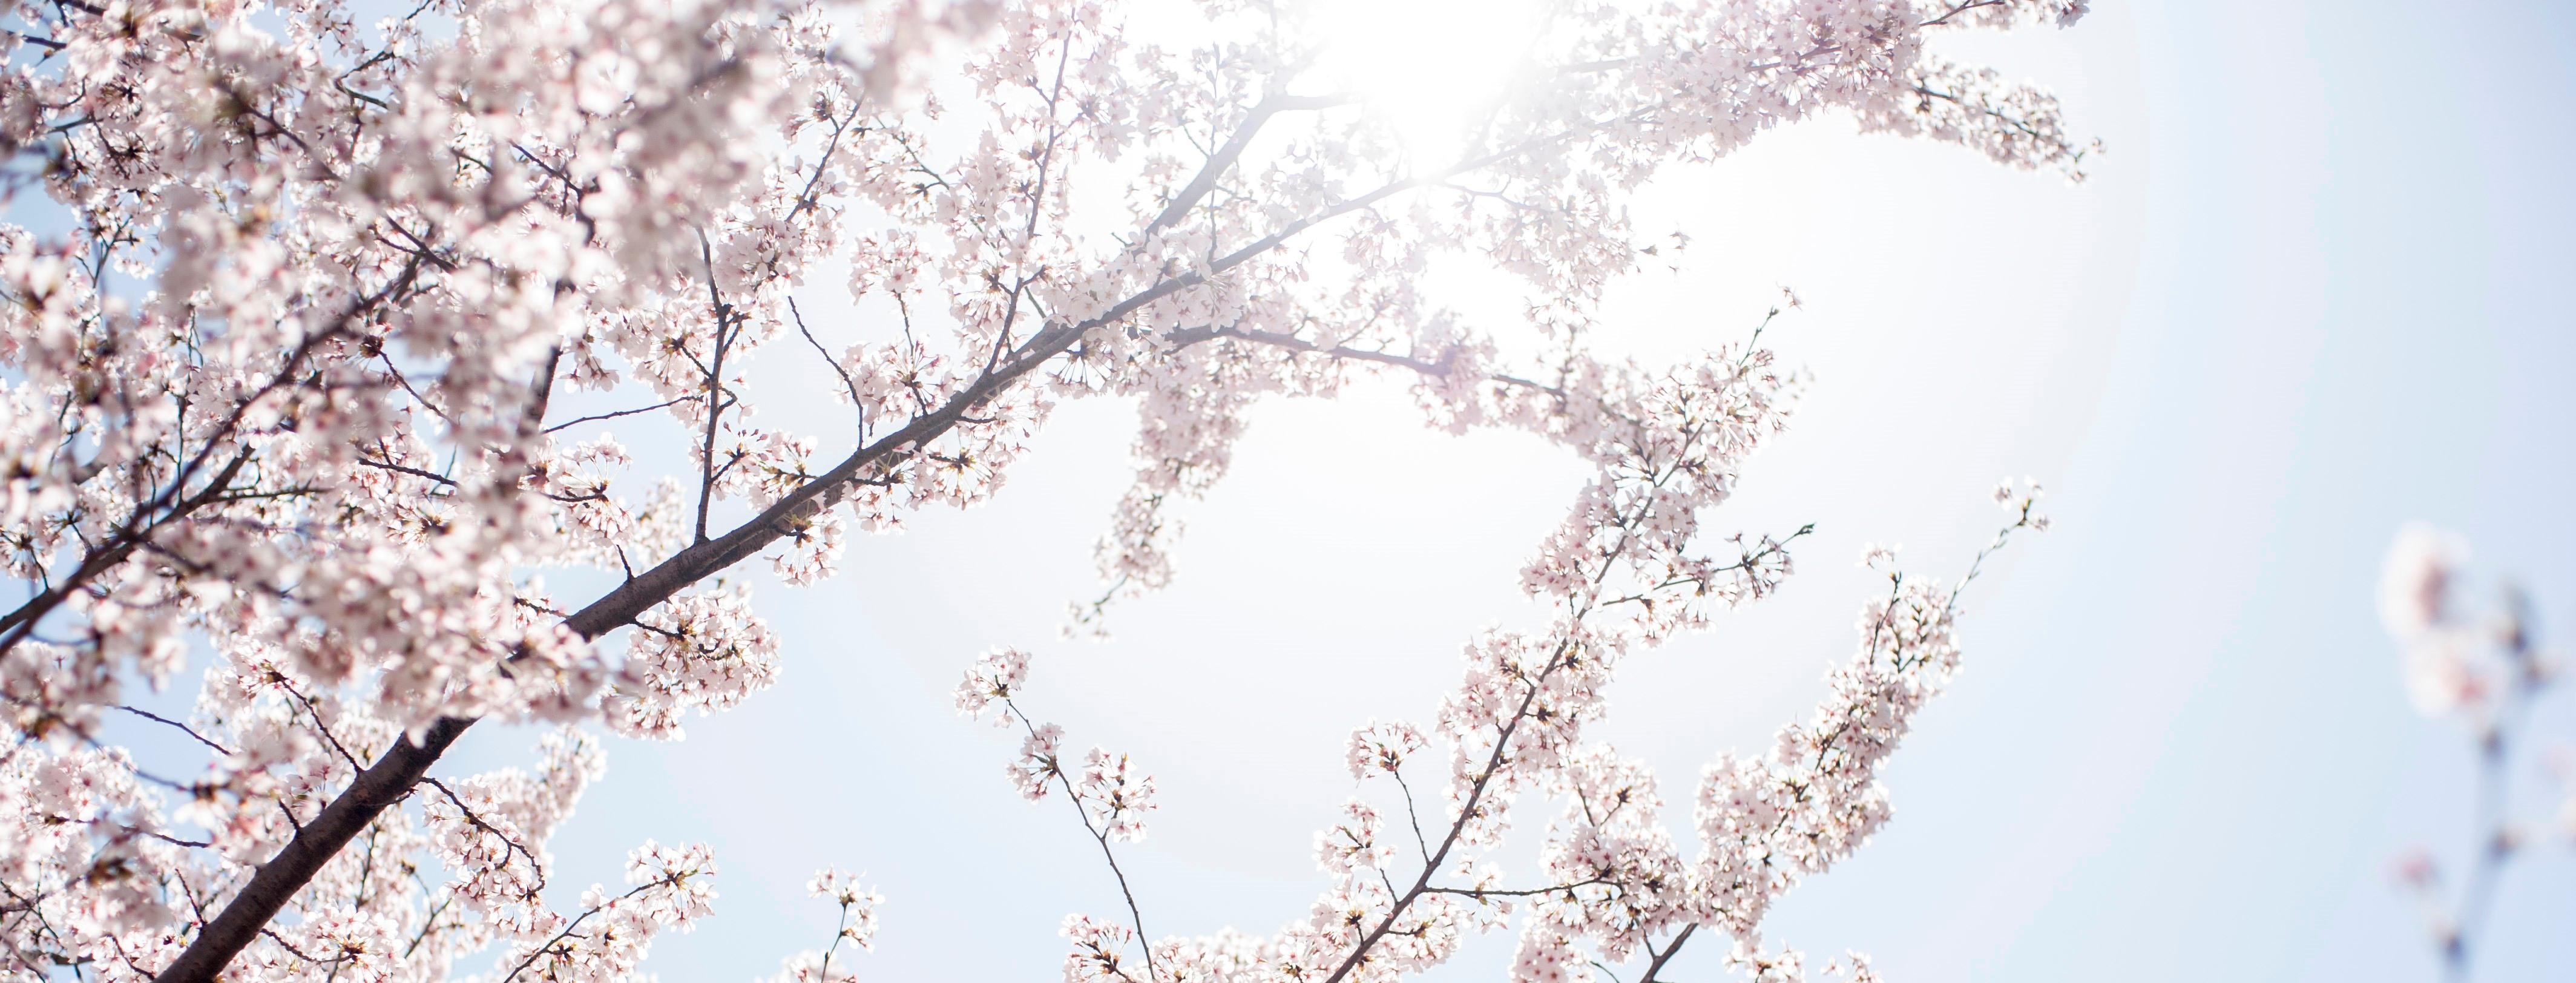 春の訪れと共に咲き渡る市民の誇り。